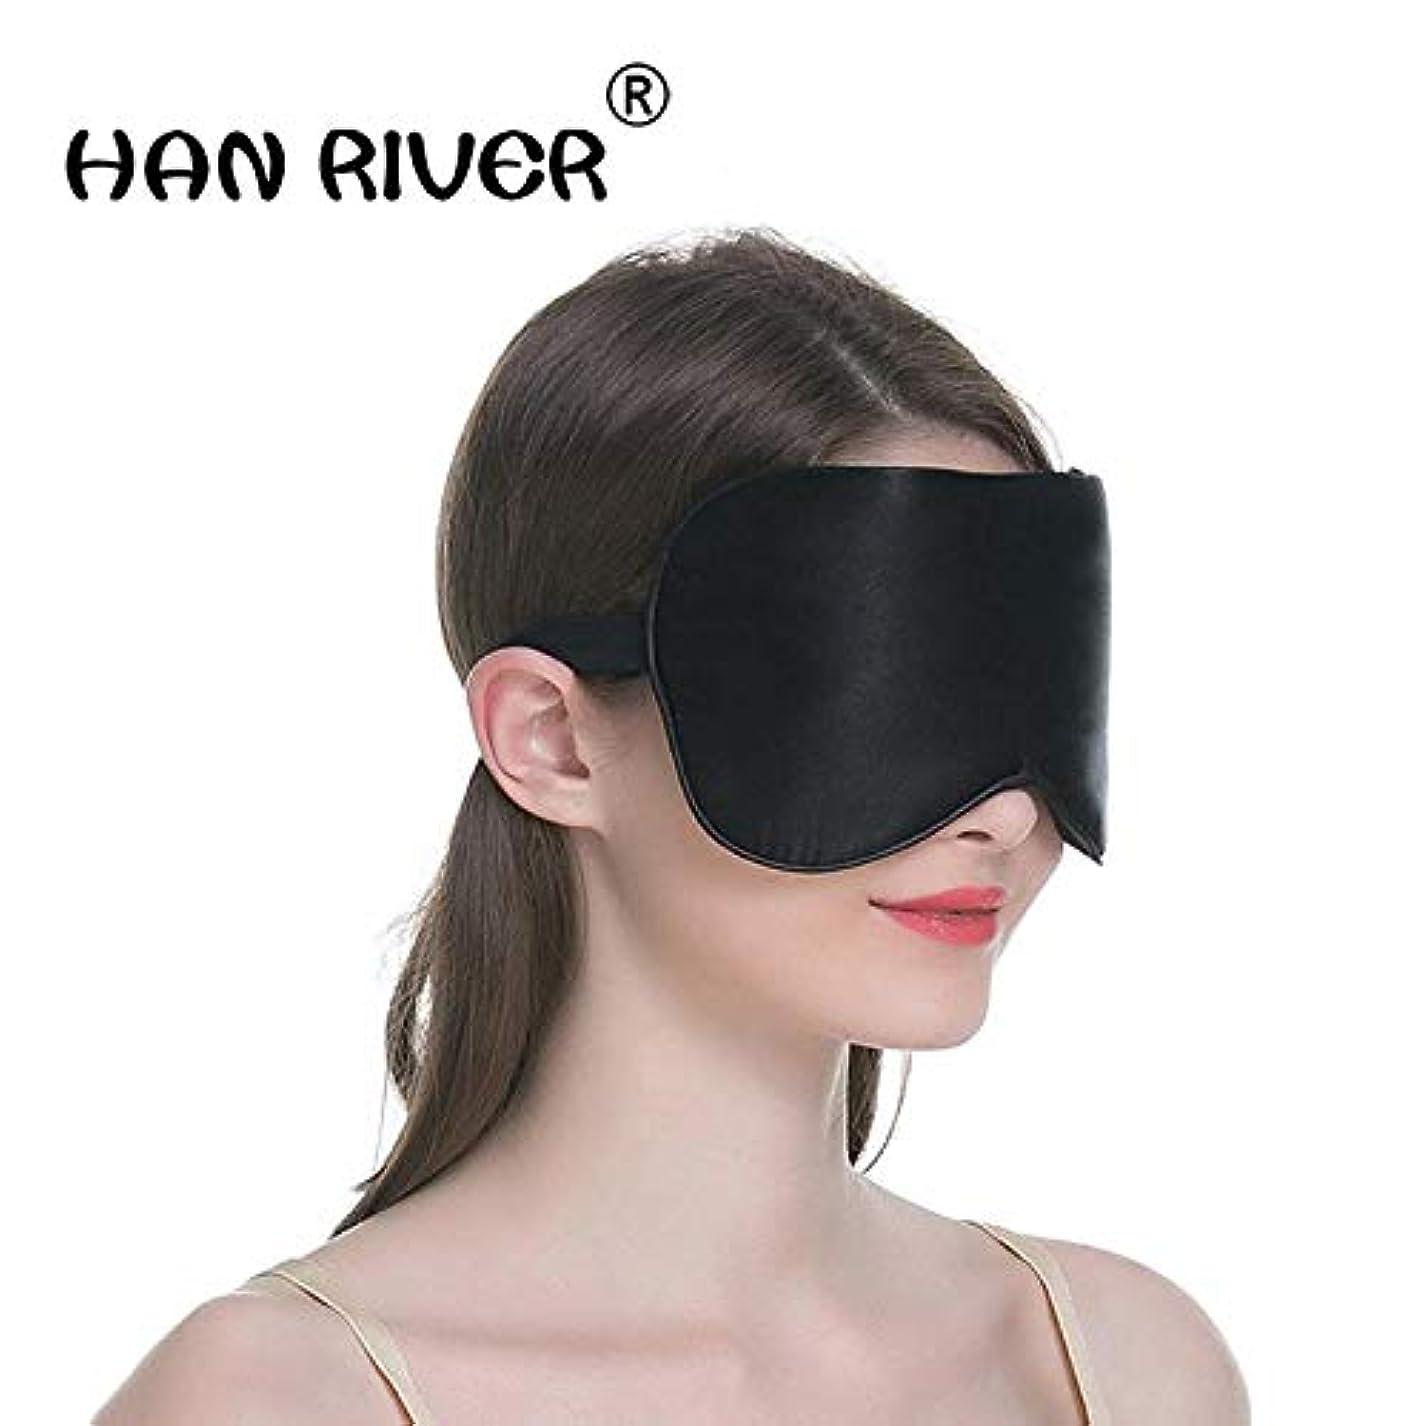 田舎者ピット入札注100シルク睡眠マスクシルクアイマスクシルクアイマスク黒快適な保護送料無料